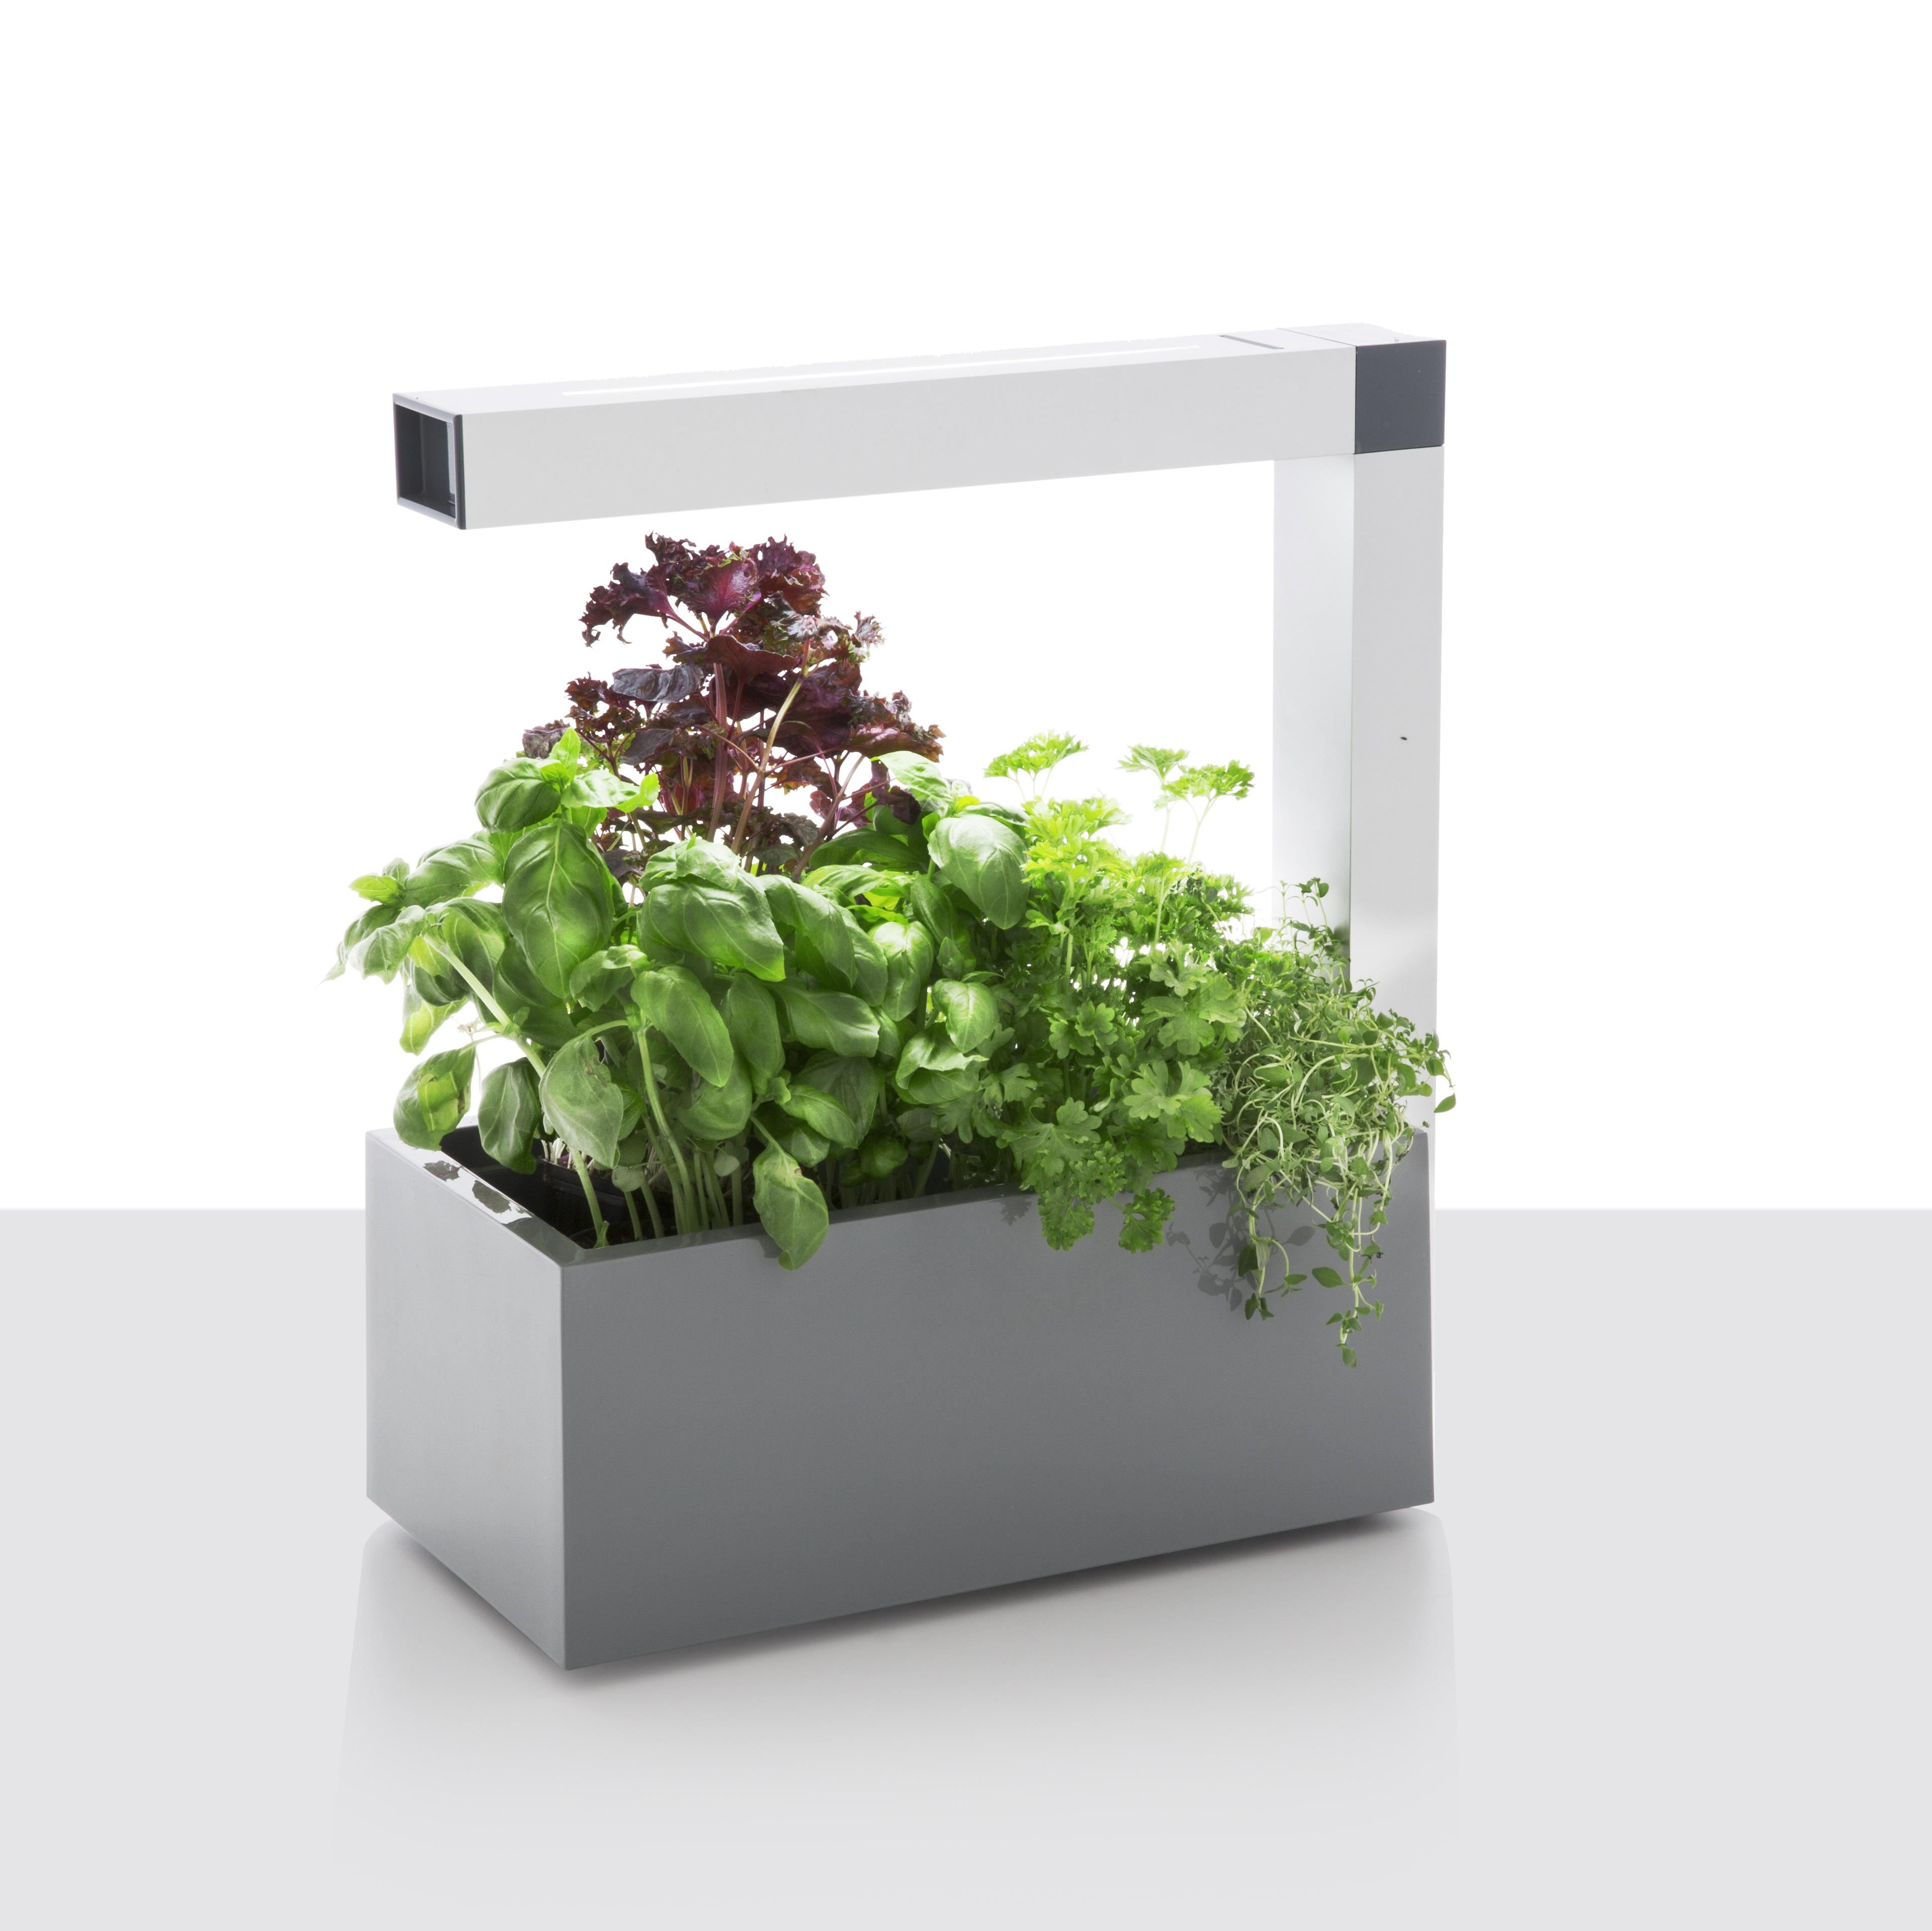 Table lamp, herbie, led, grey, h44cm   tregren   nedgis